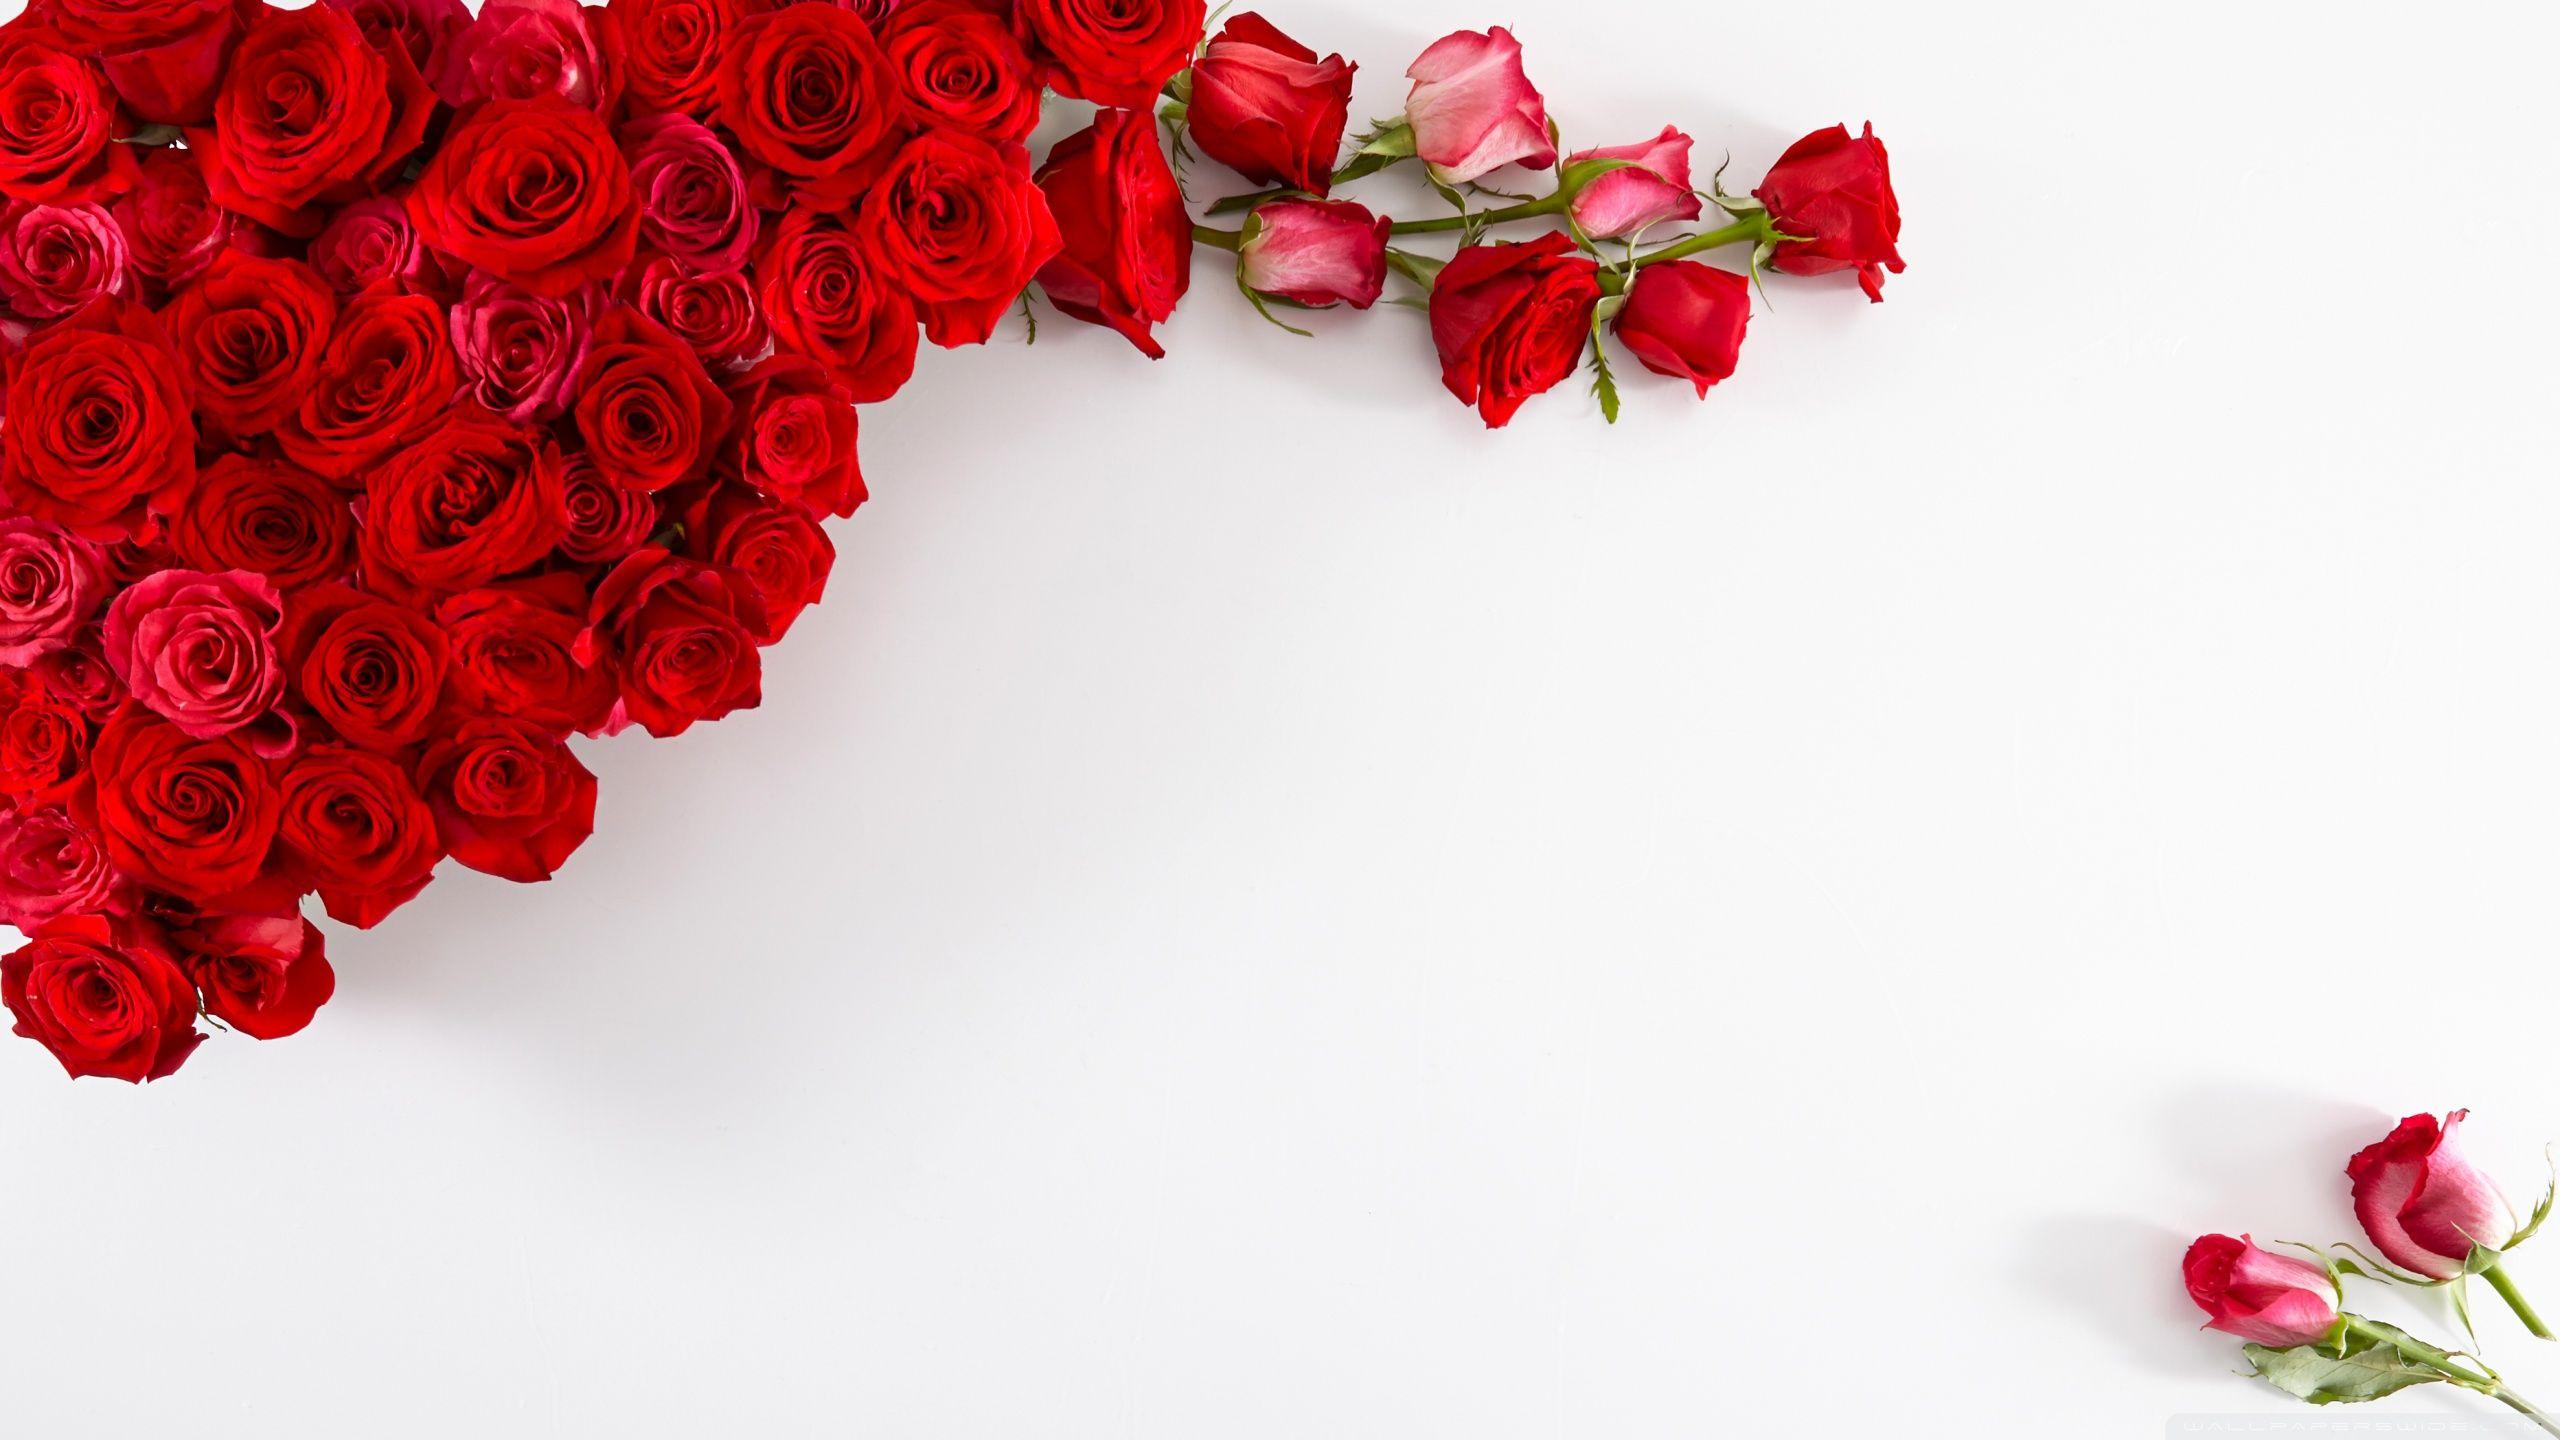 Фоновая музыка без слов для поздравления на свадьбу